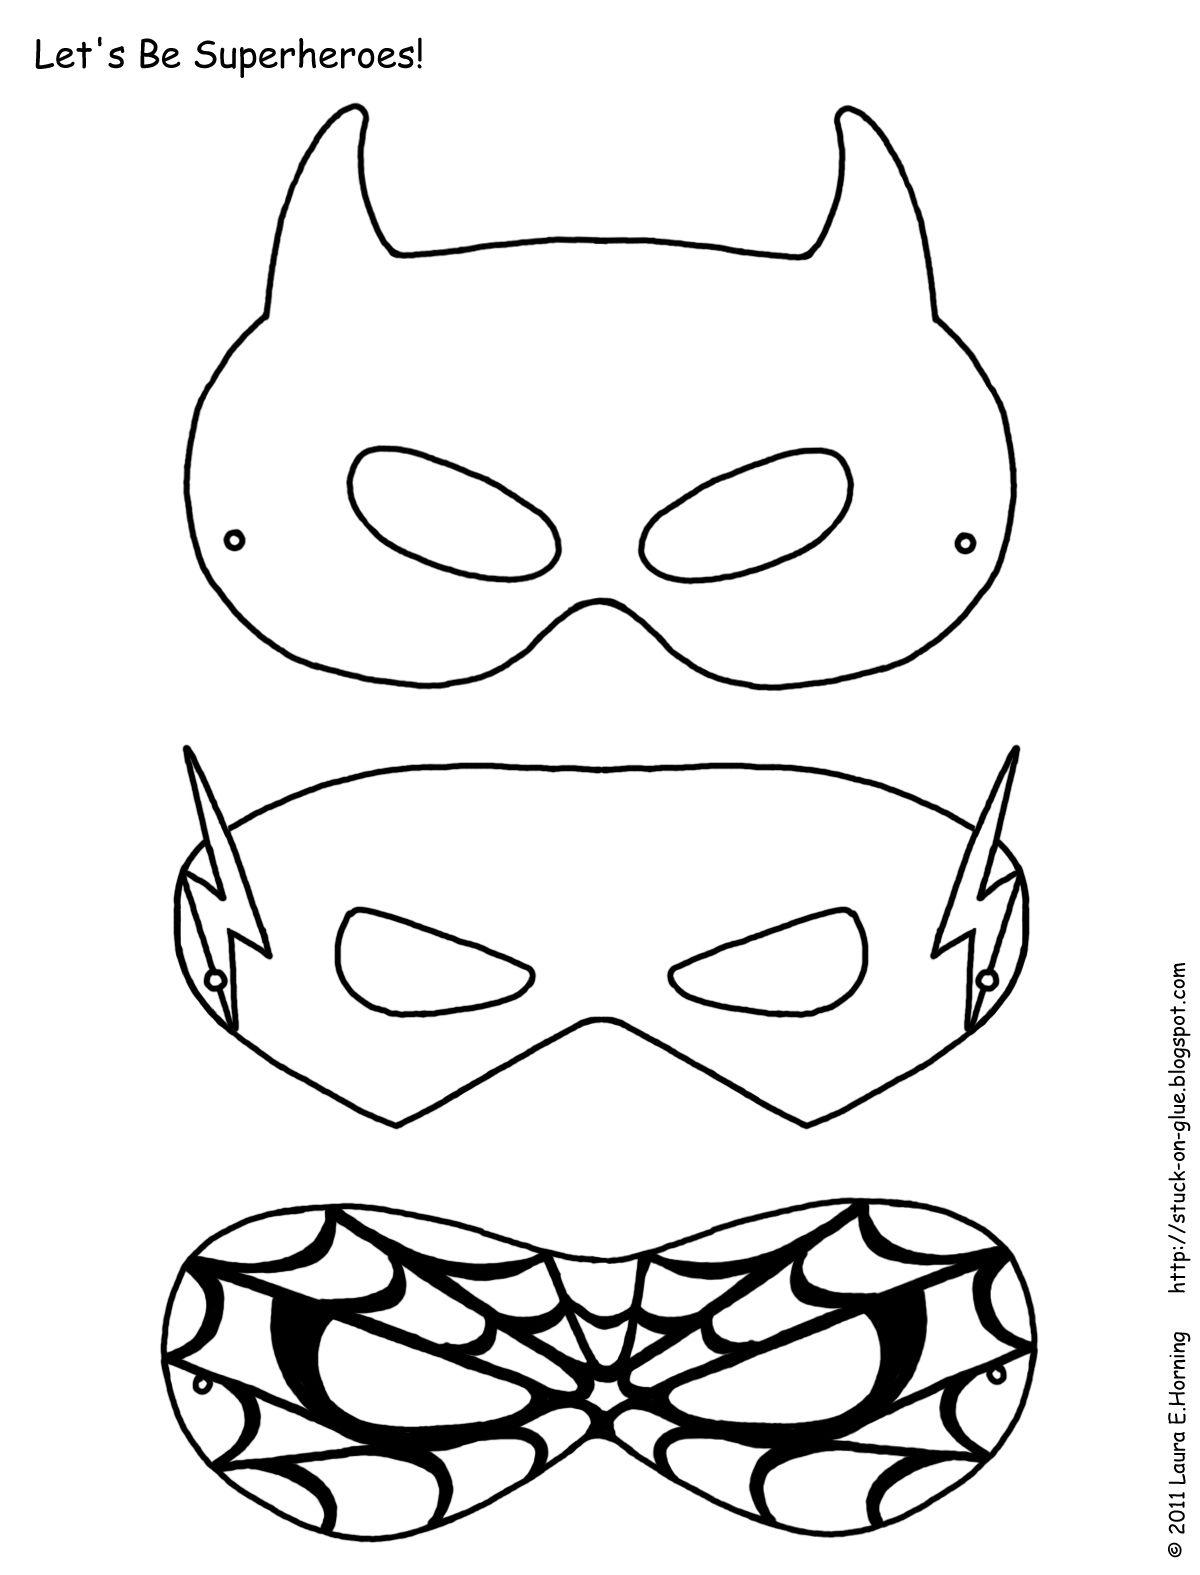 Mask Printable | Free Printable Superhero Mask Template | Masks - Superman Mask Printable Free